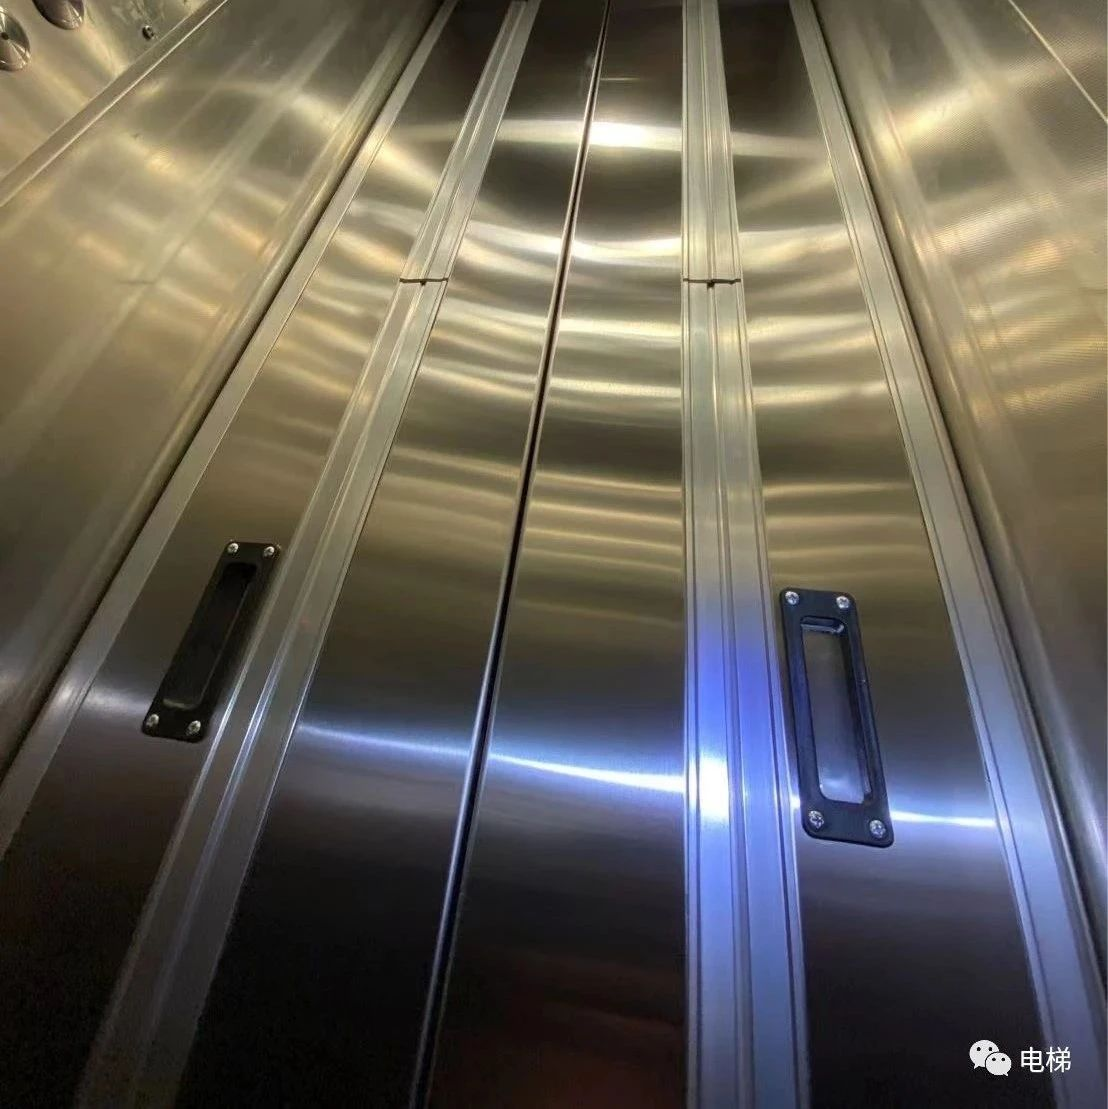 罕见:公共汽车门电梯